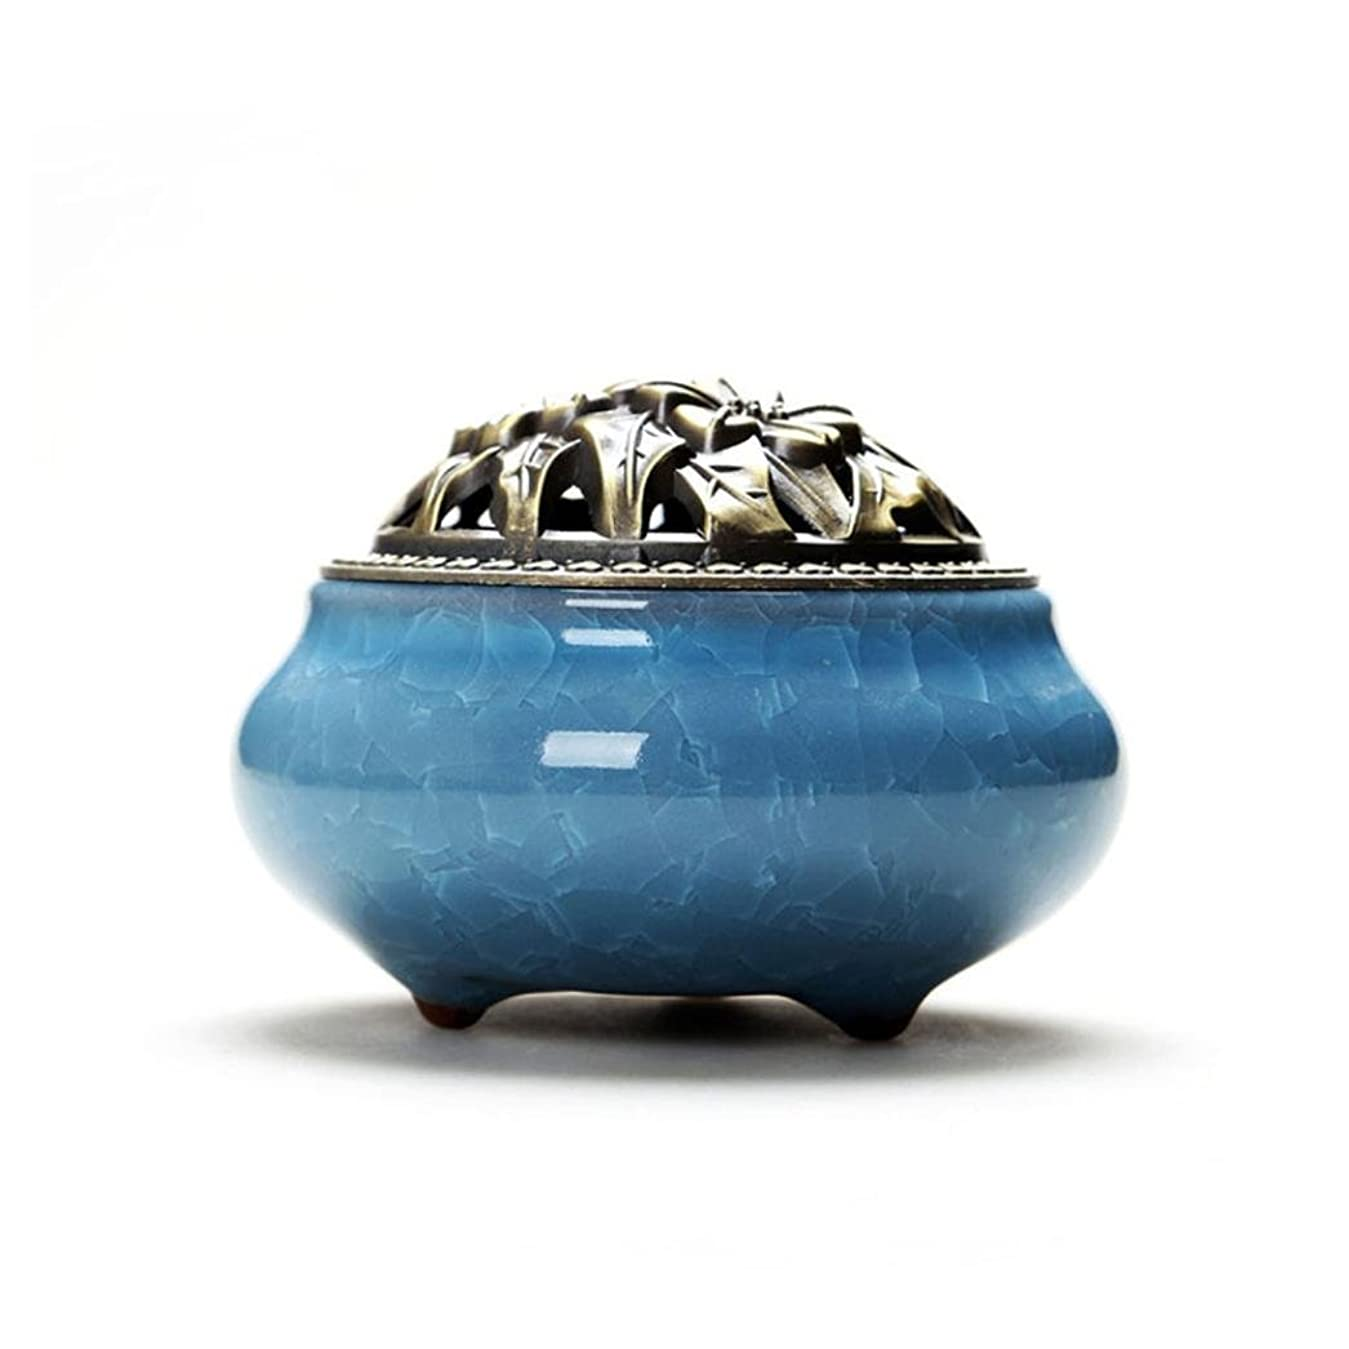 Aijoo 陶磁器 香炉 丸香炉 アロマ陶磁器 青磁 香立て付き アロマ アンティーク 渦巻き線香 アロマ などに 調選べる 9カラー